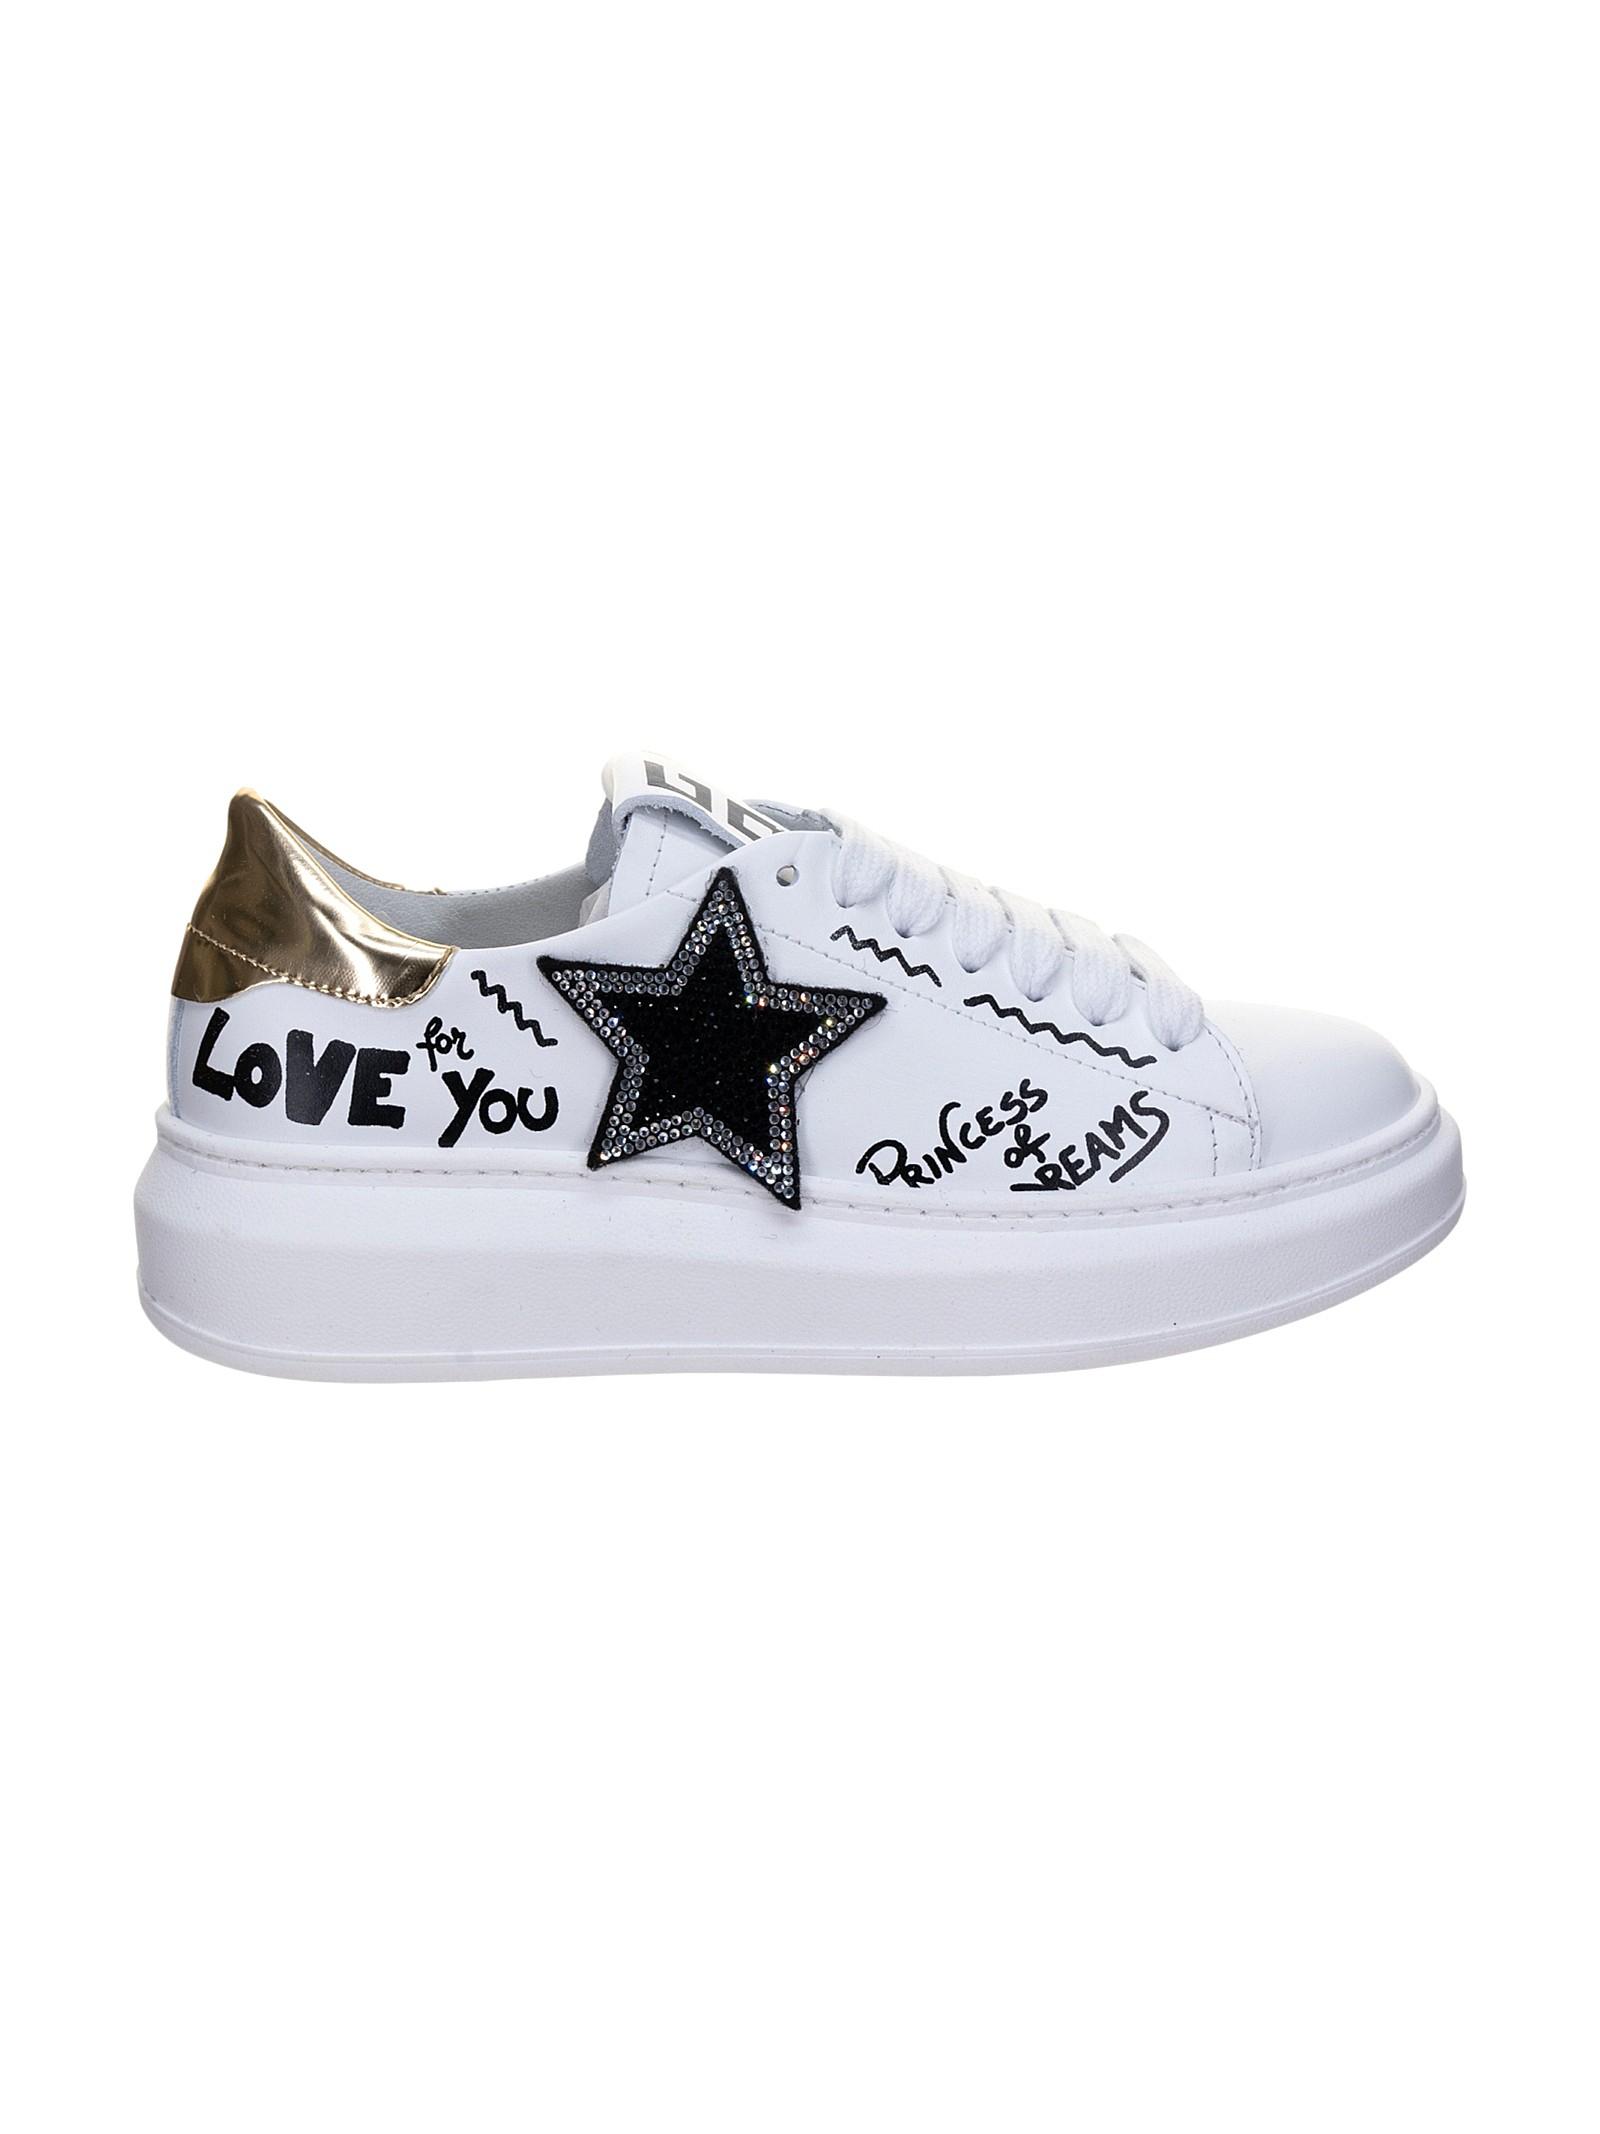 GIO + Sneakers Stella e Bocca